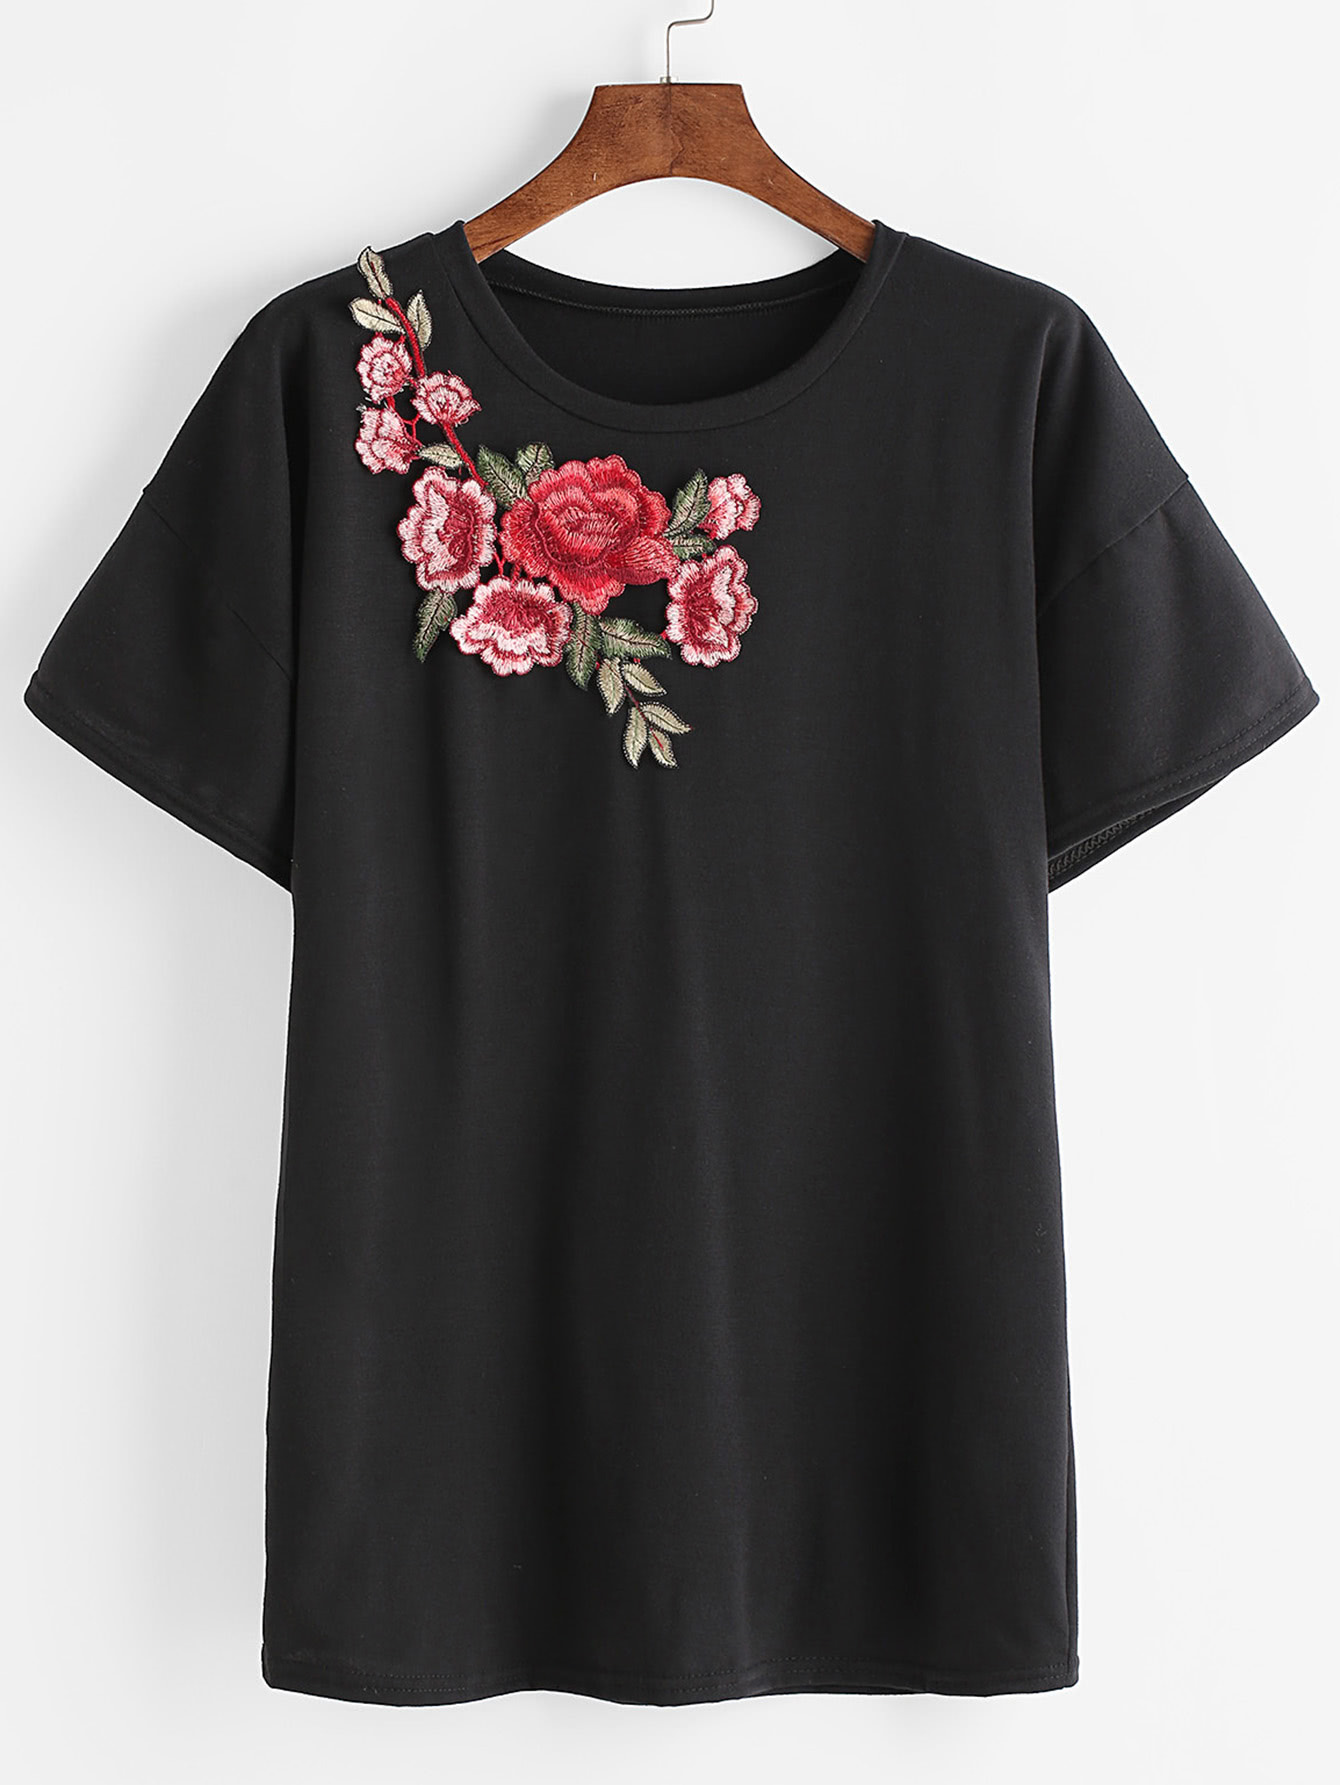 Black Drop Shoulder Applique T Shirt